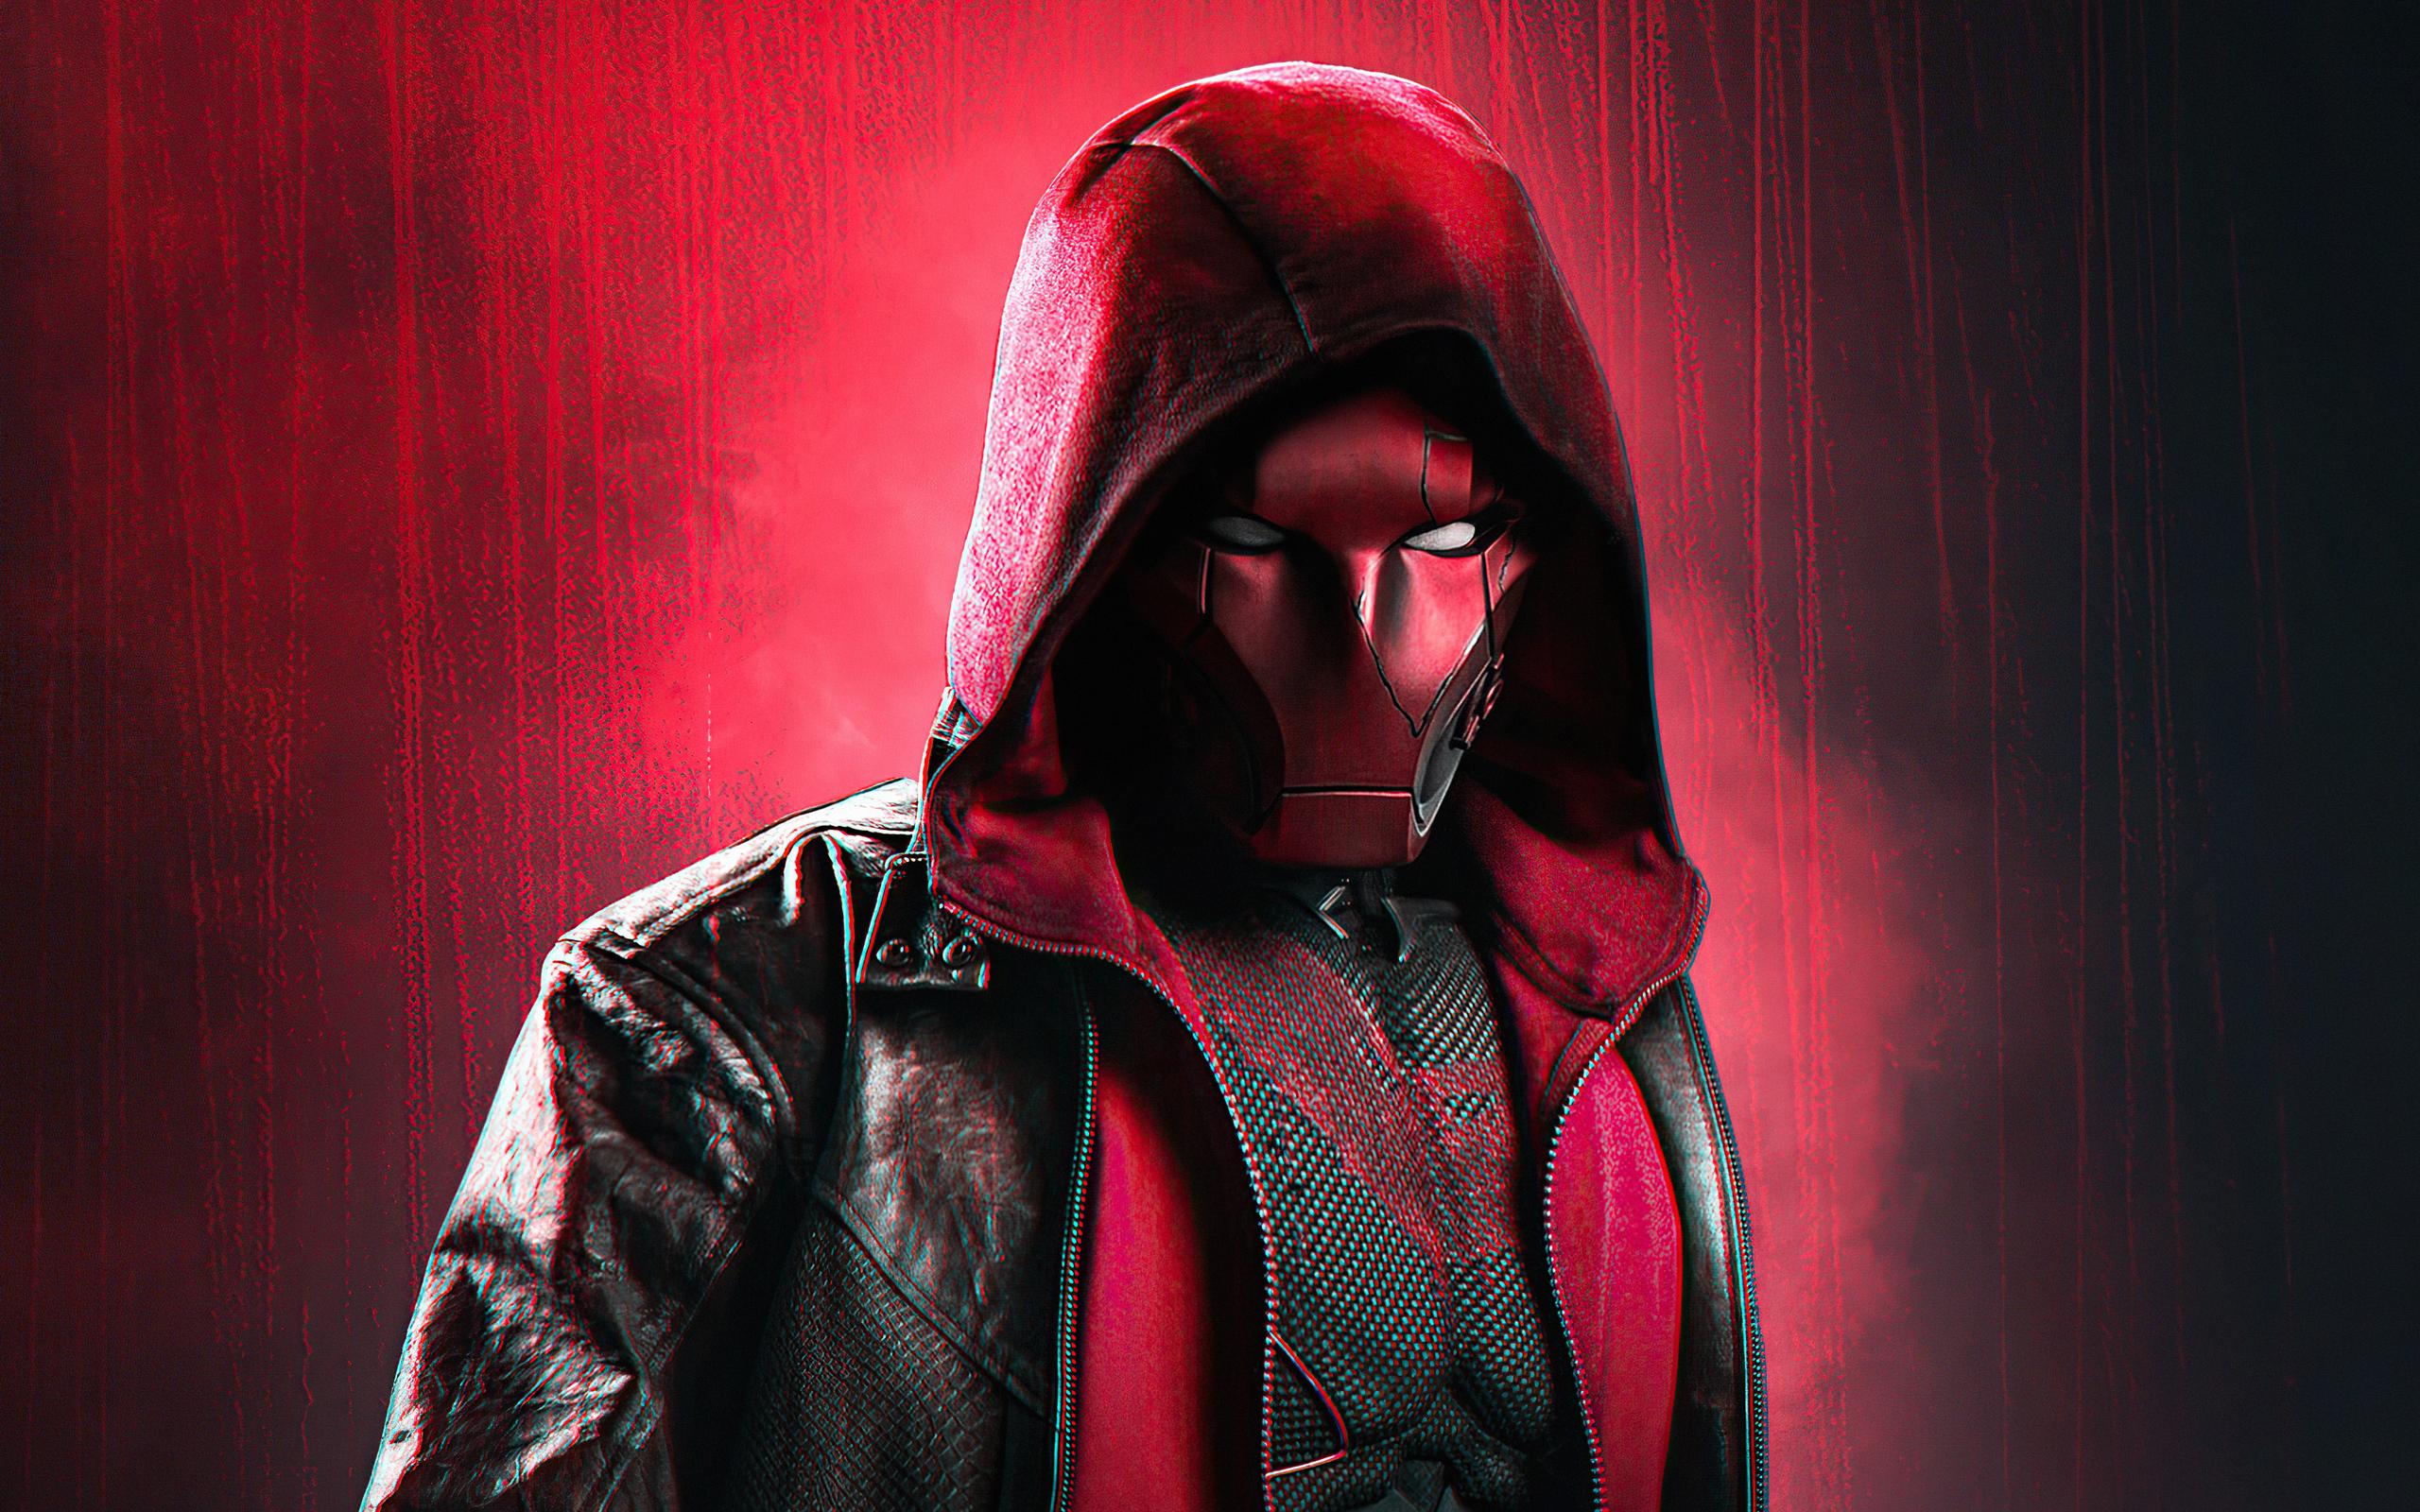 curran-red-hood-5k-ma.jpg